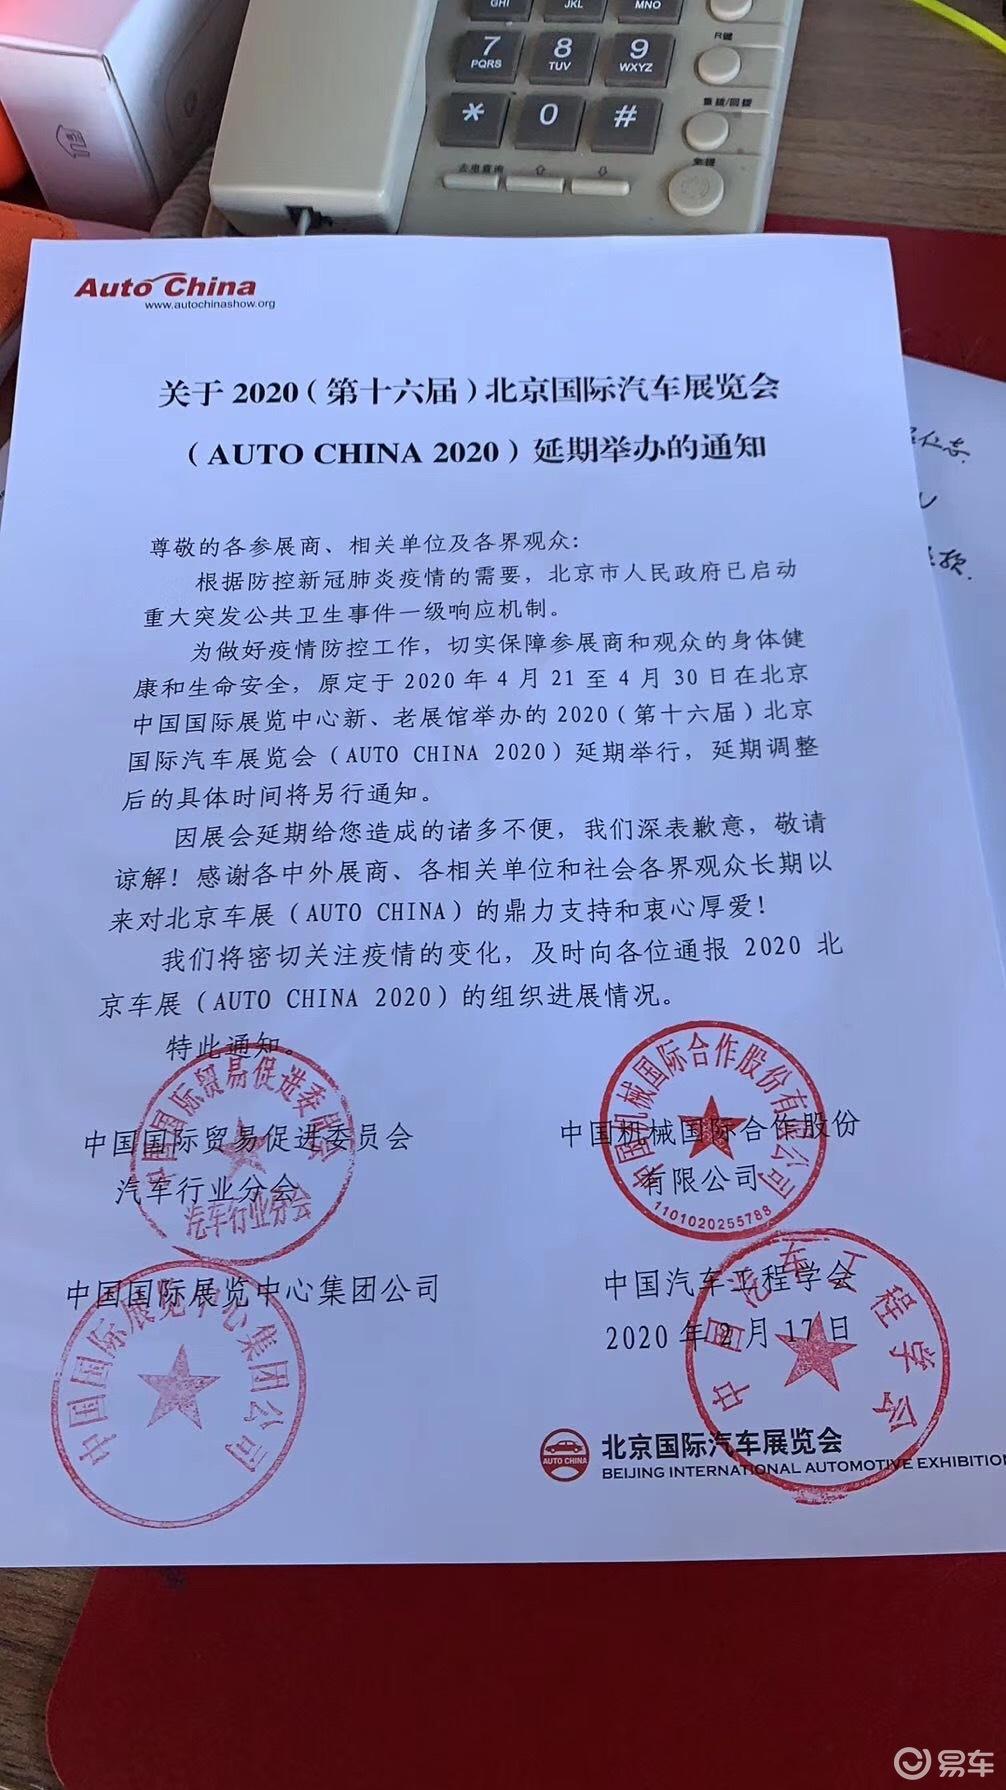 2020北京车展延期举办 举办时间另行通知